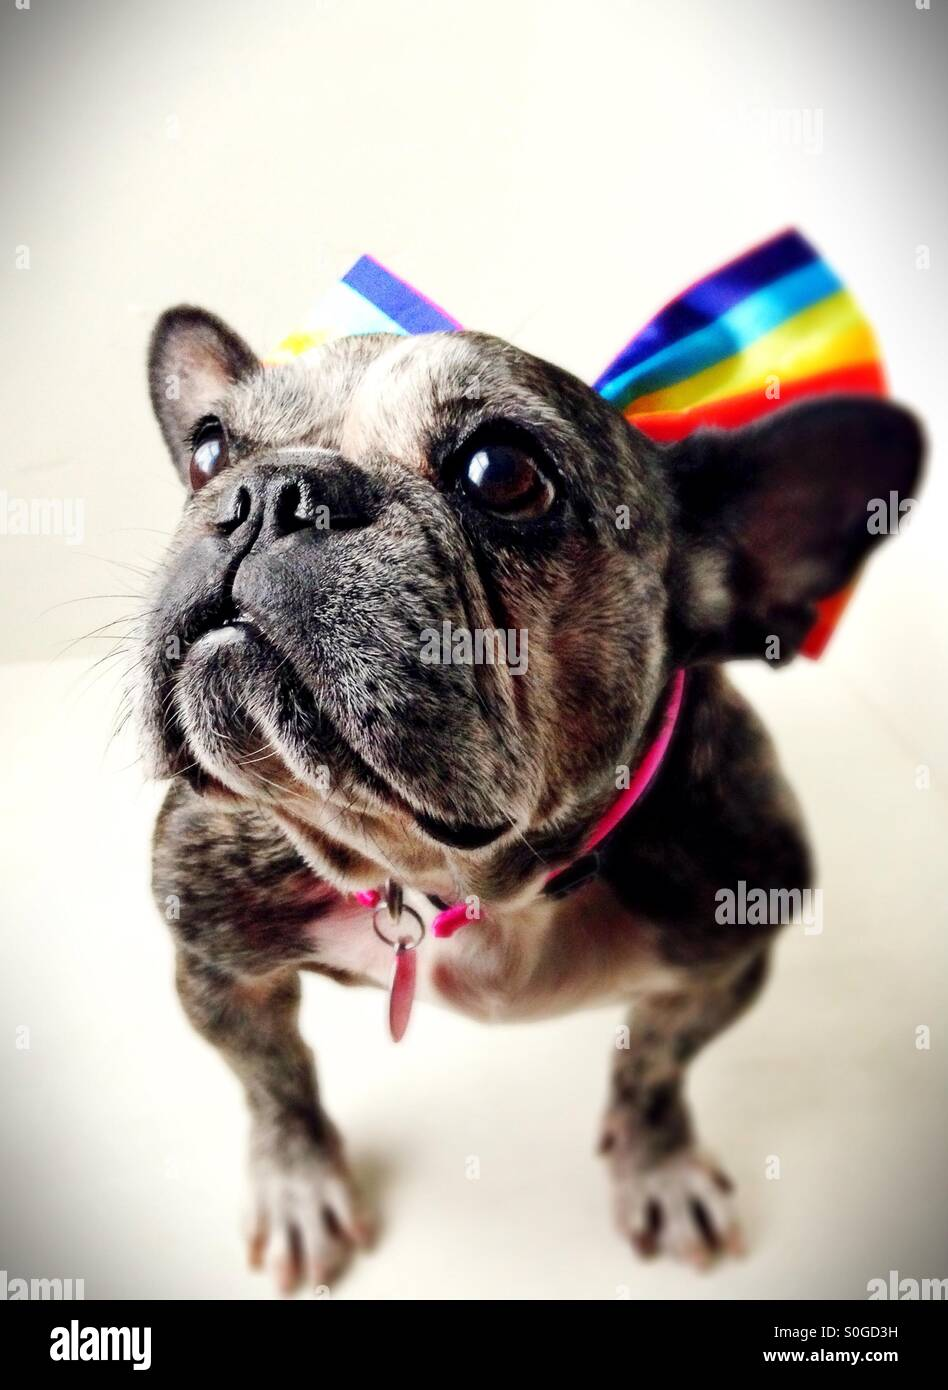 Eine nette alte französische Bulldogge trägt einen Regenbogen gestreift Bogen. Stockbild